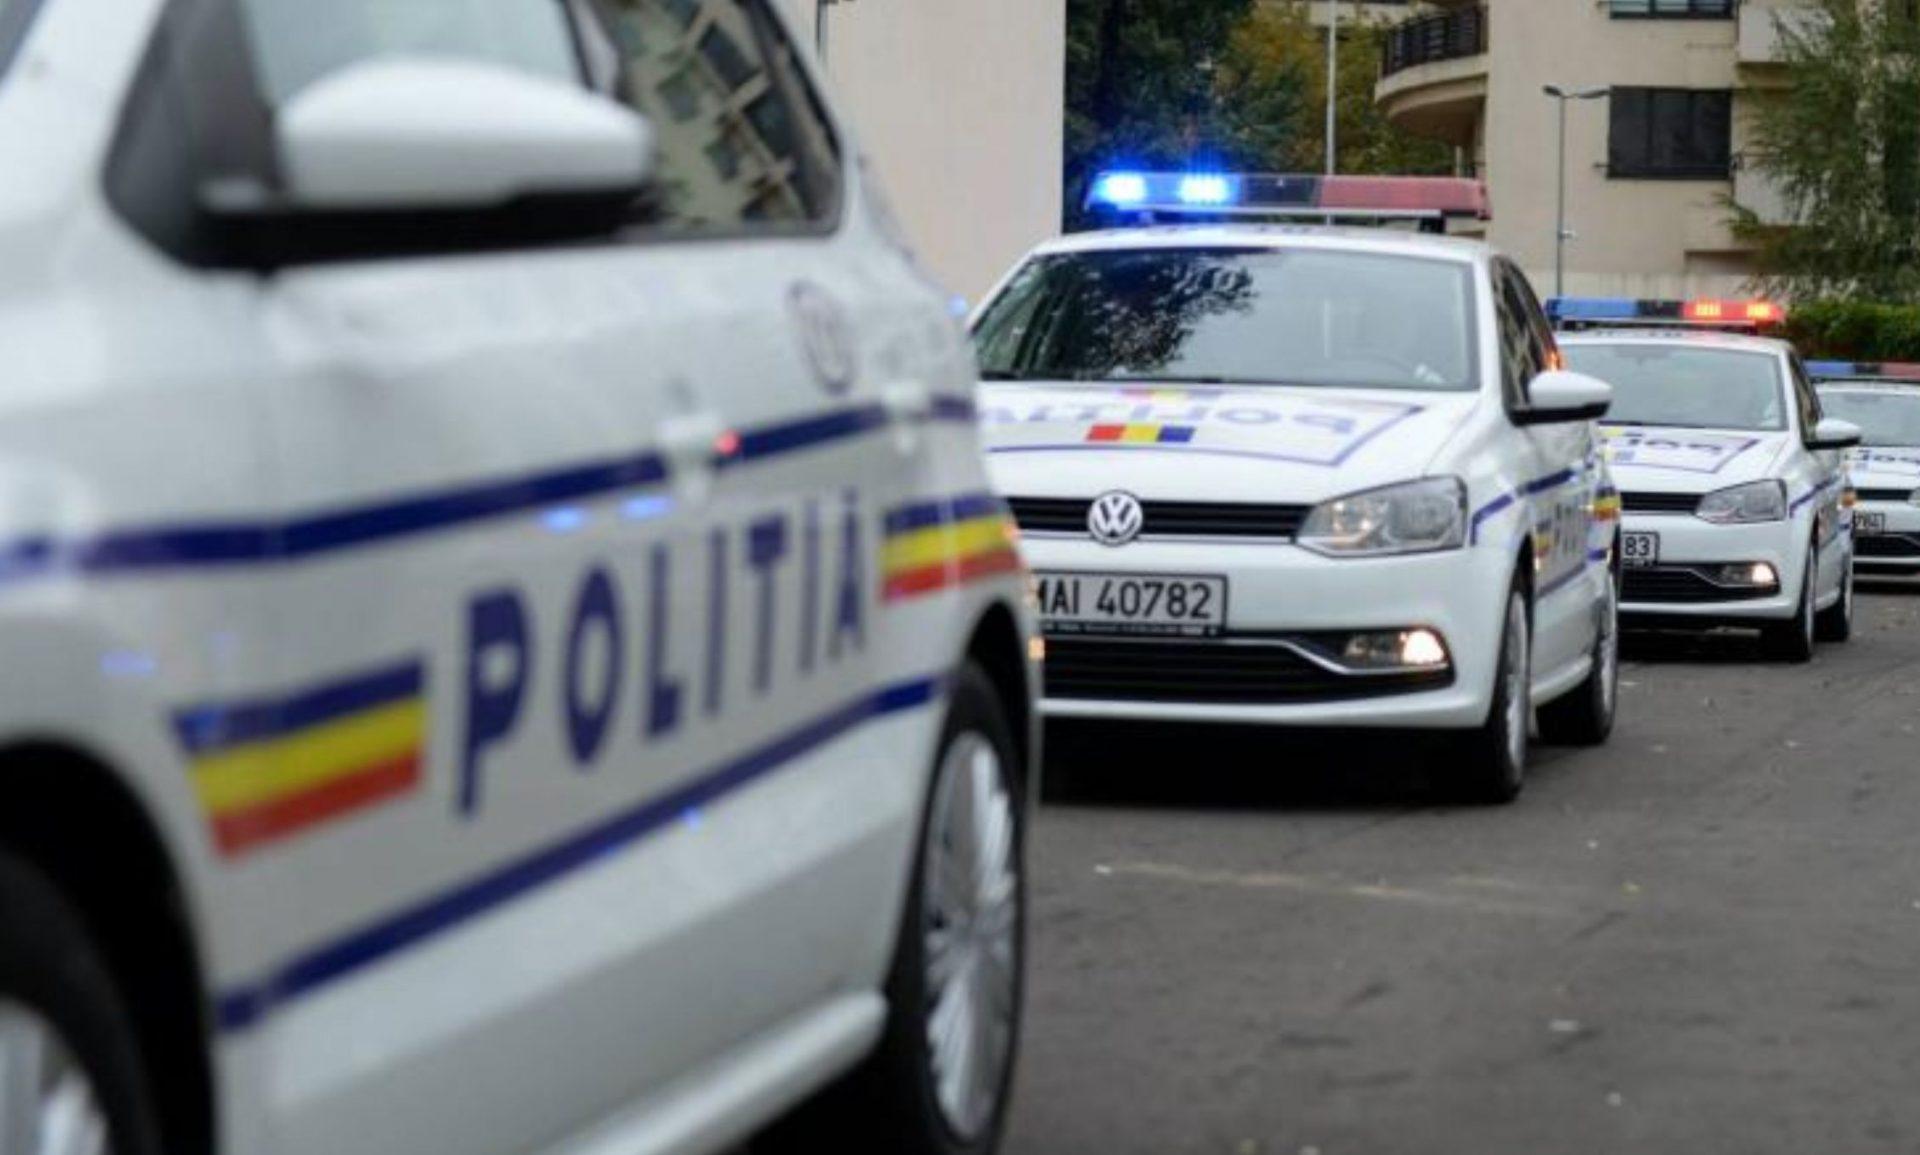 Editiadedimineata: Ce date personale înregistrează noile camere video de corp ale polițiștilor români